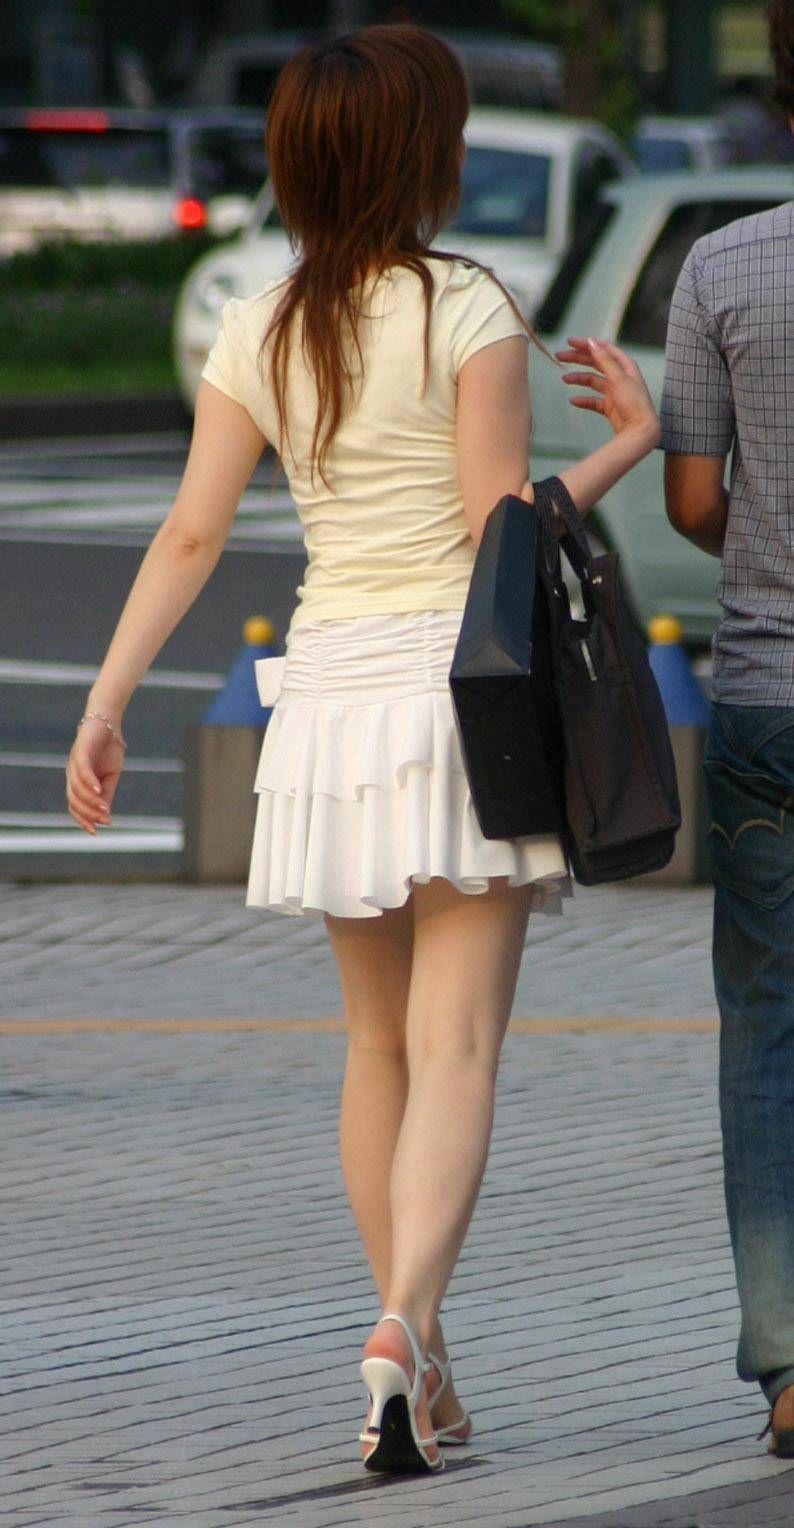 【ミニスカエロ画像】美脚、むき出しの太もも!春よ来い!美脚ミニスカエロ画像 80